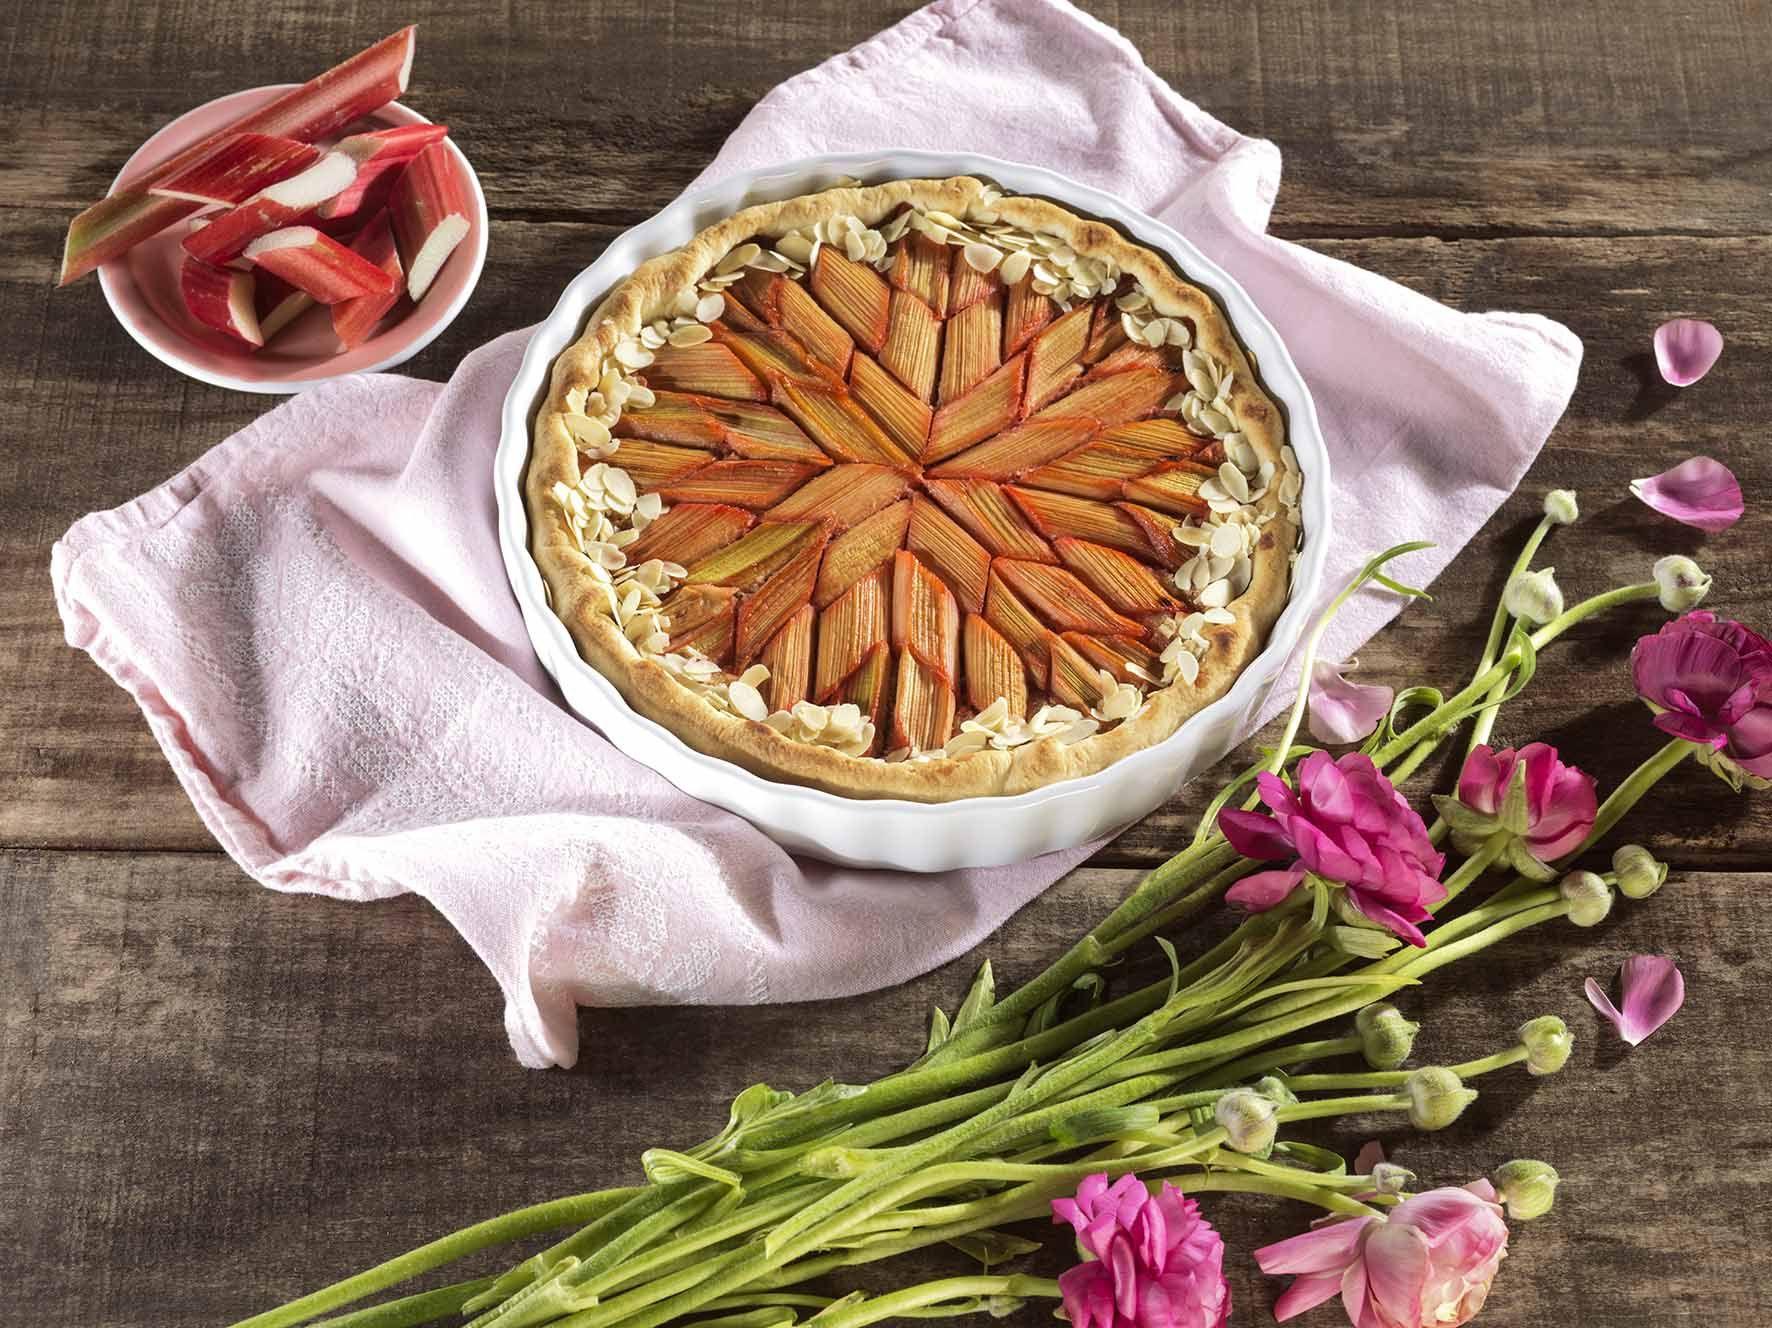 mit unserem Frischen Quiche- & Tarteteig: Rhabarber-Tarte mit Mandeln